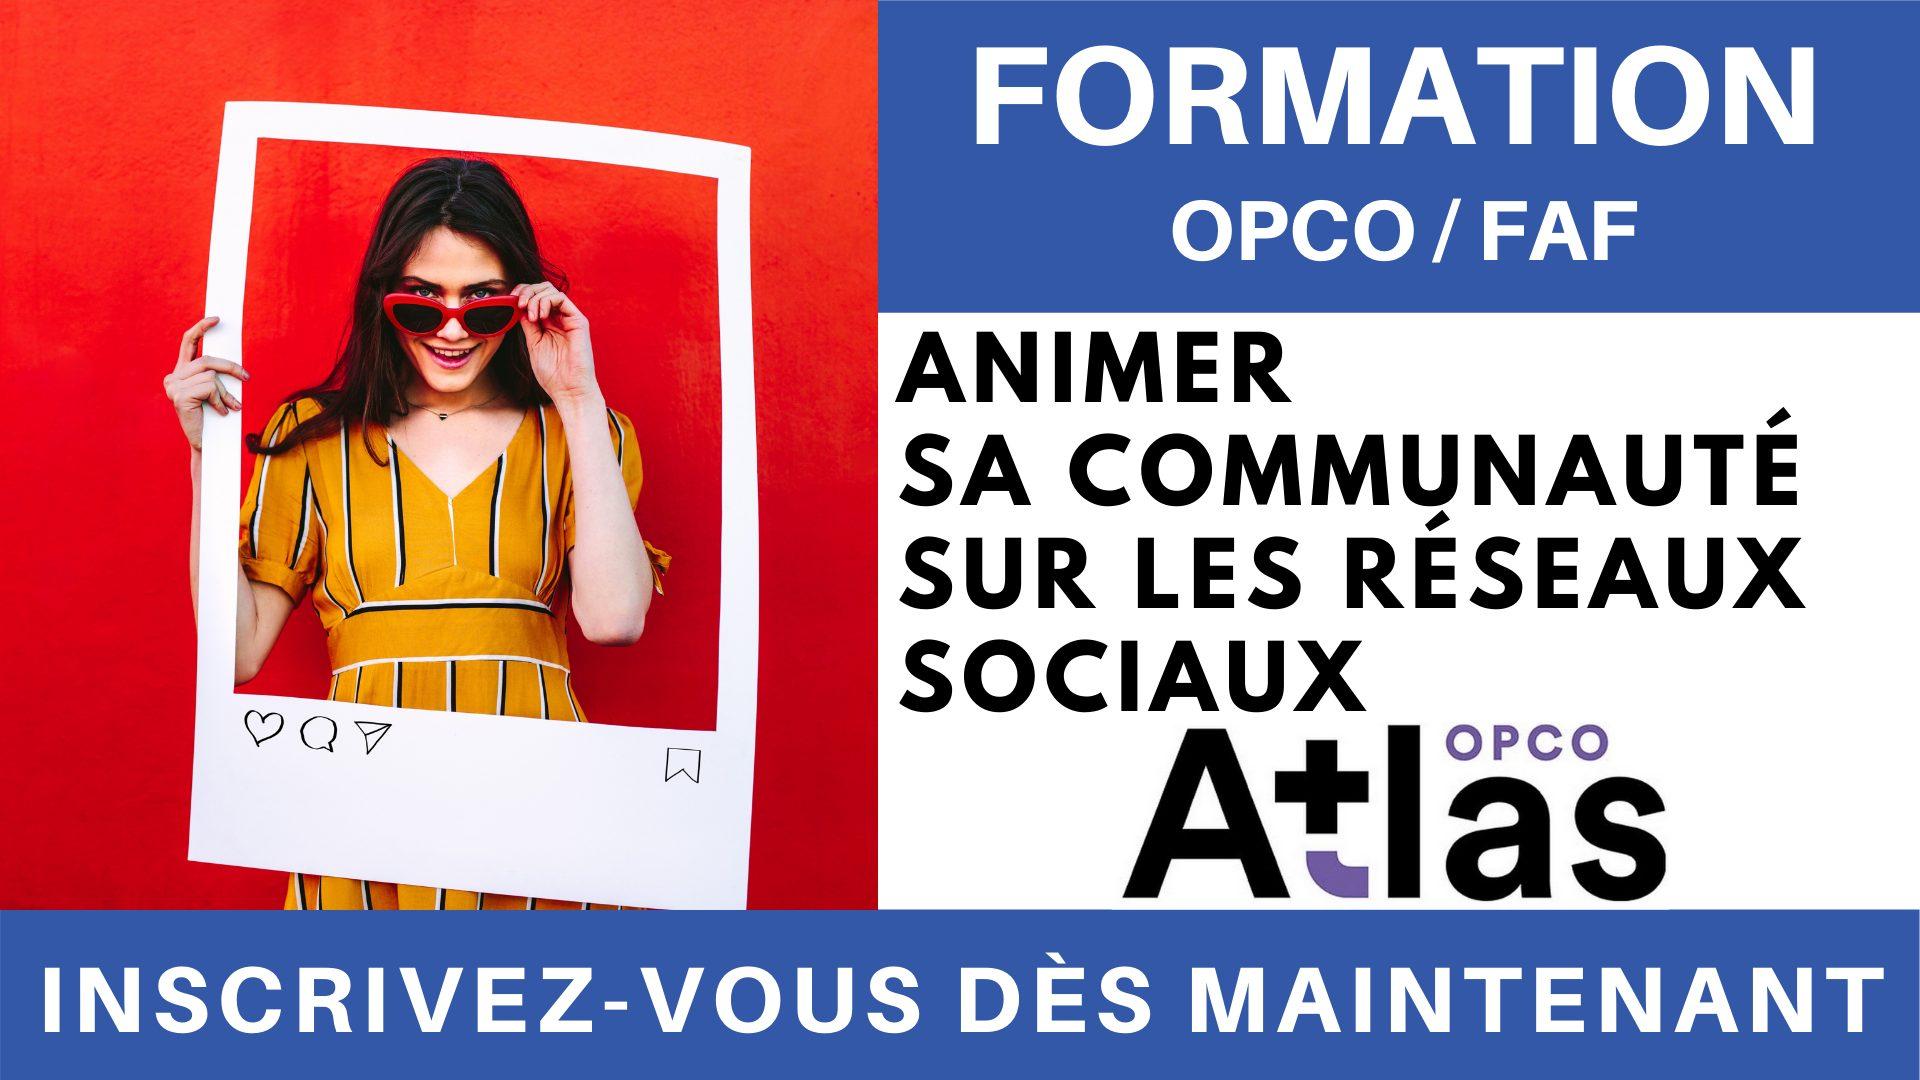 Formation OPCO FAF - Animer sa communauté sur les réseaux sociaux